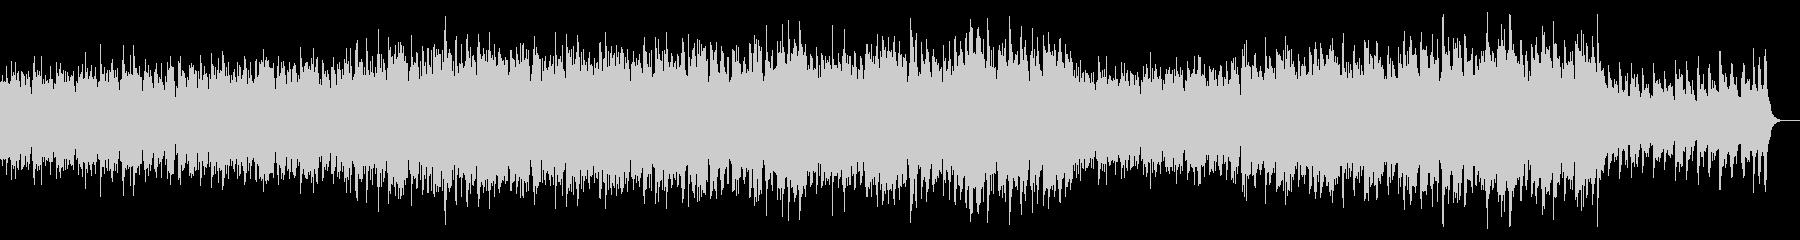 ケルト風ポップオーケストラ:打楽器なしの未再生の波形